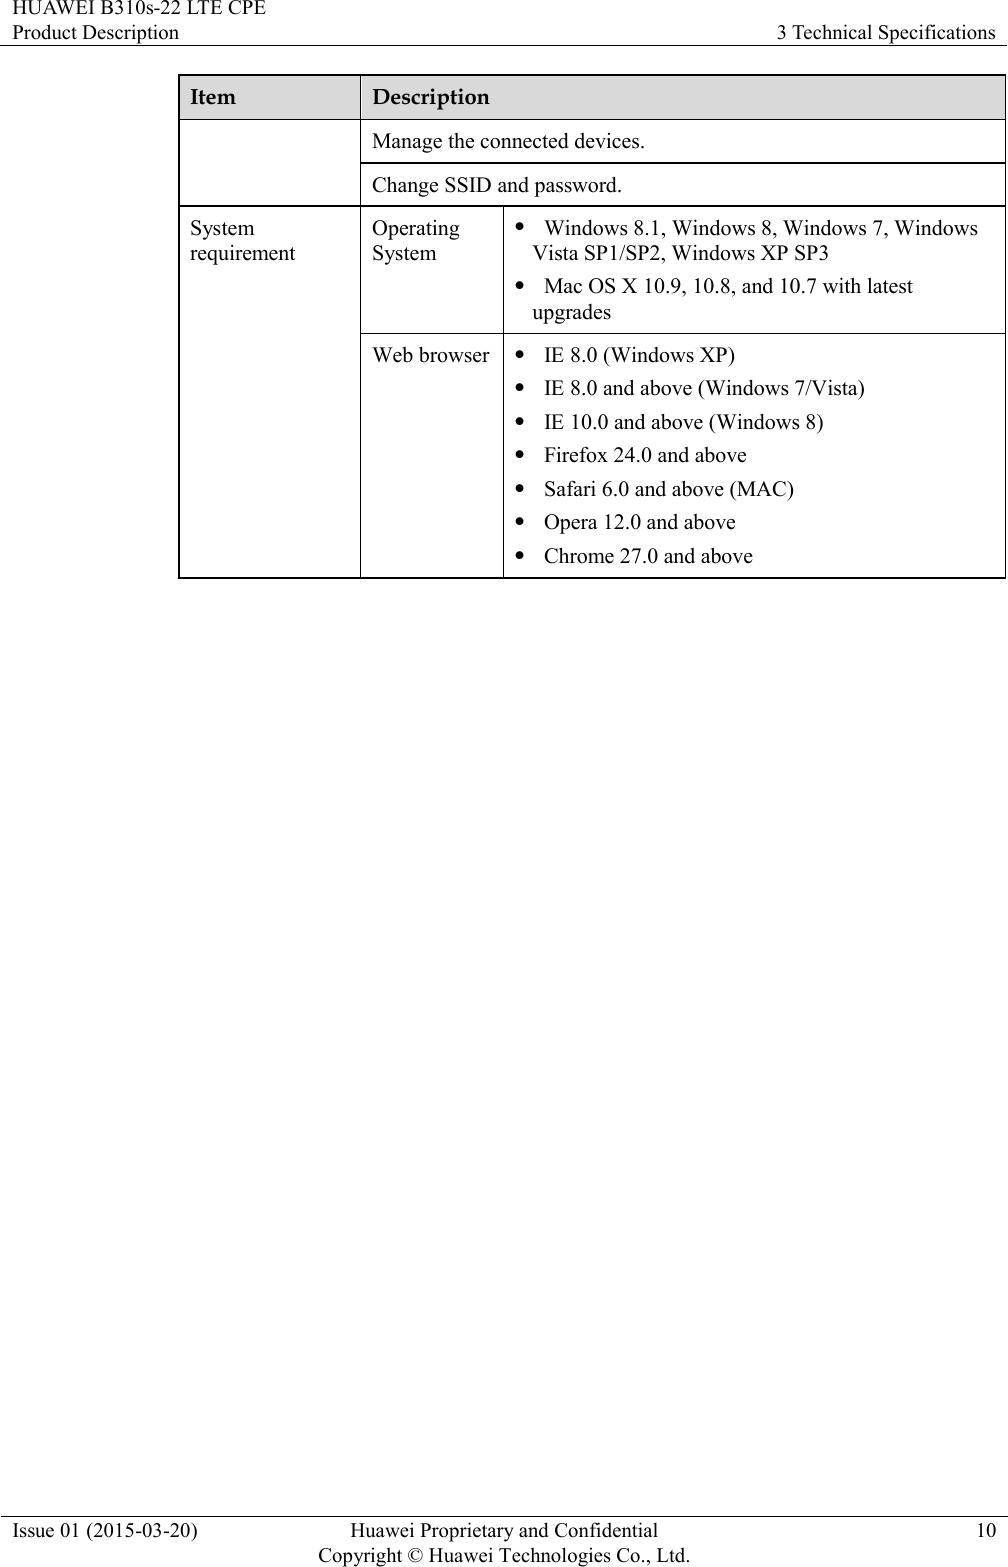 Huawei B310s 22 Product Description (V200R001 01,English)